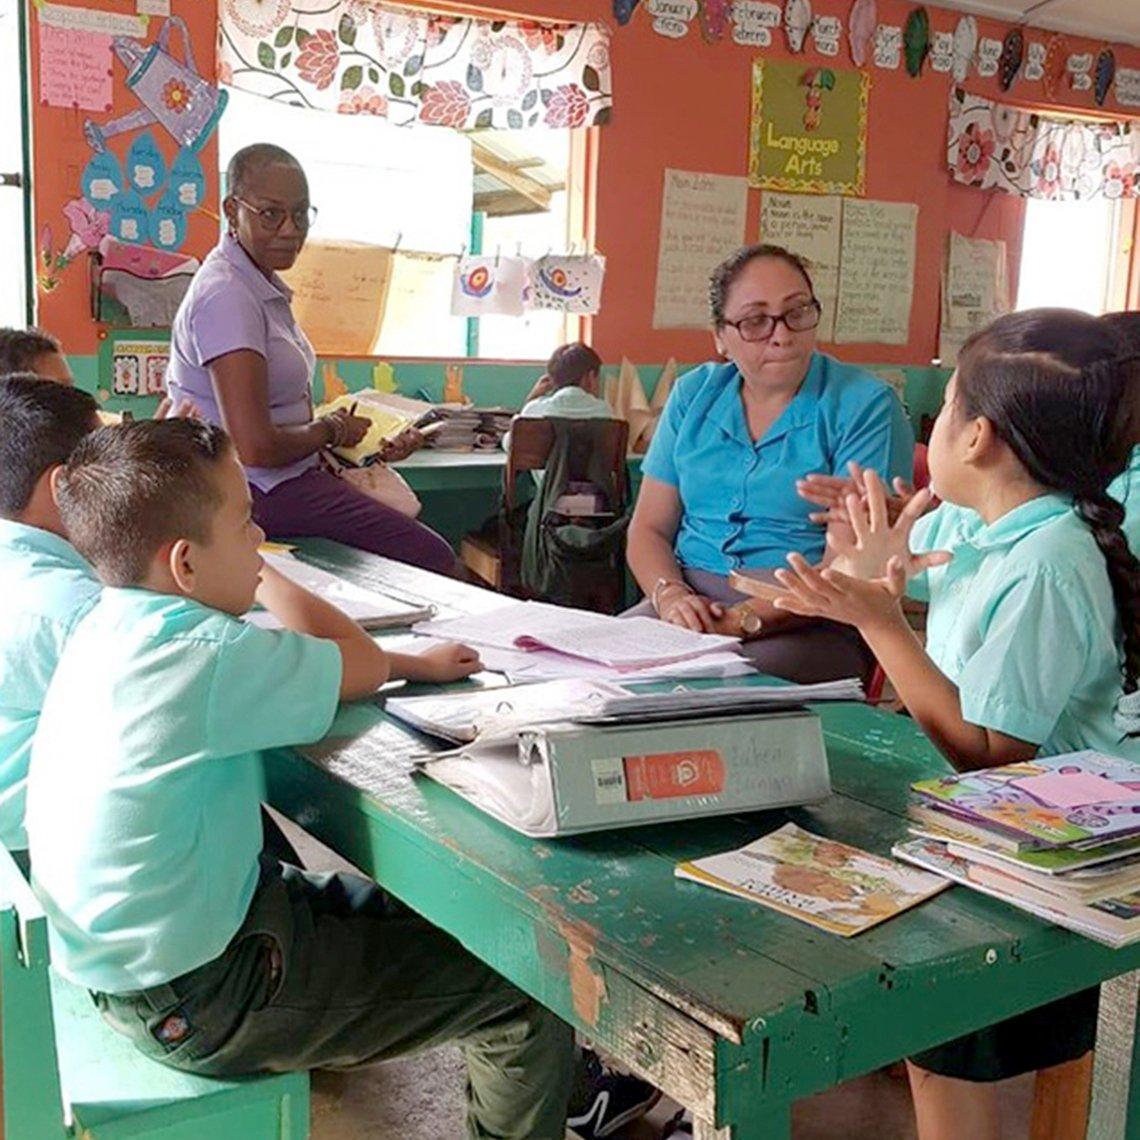 Judith Jones y otra voluntaria enseñando a niños en un salón de clases